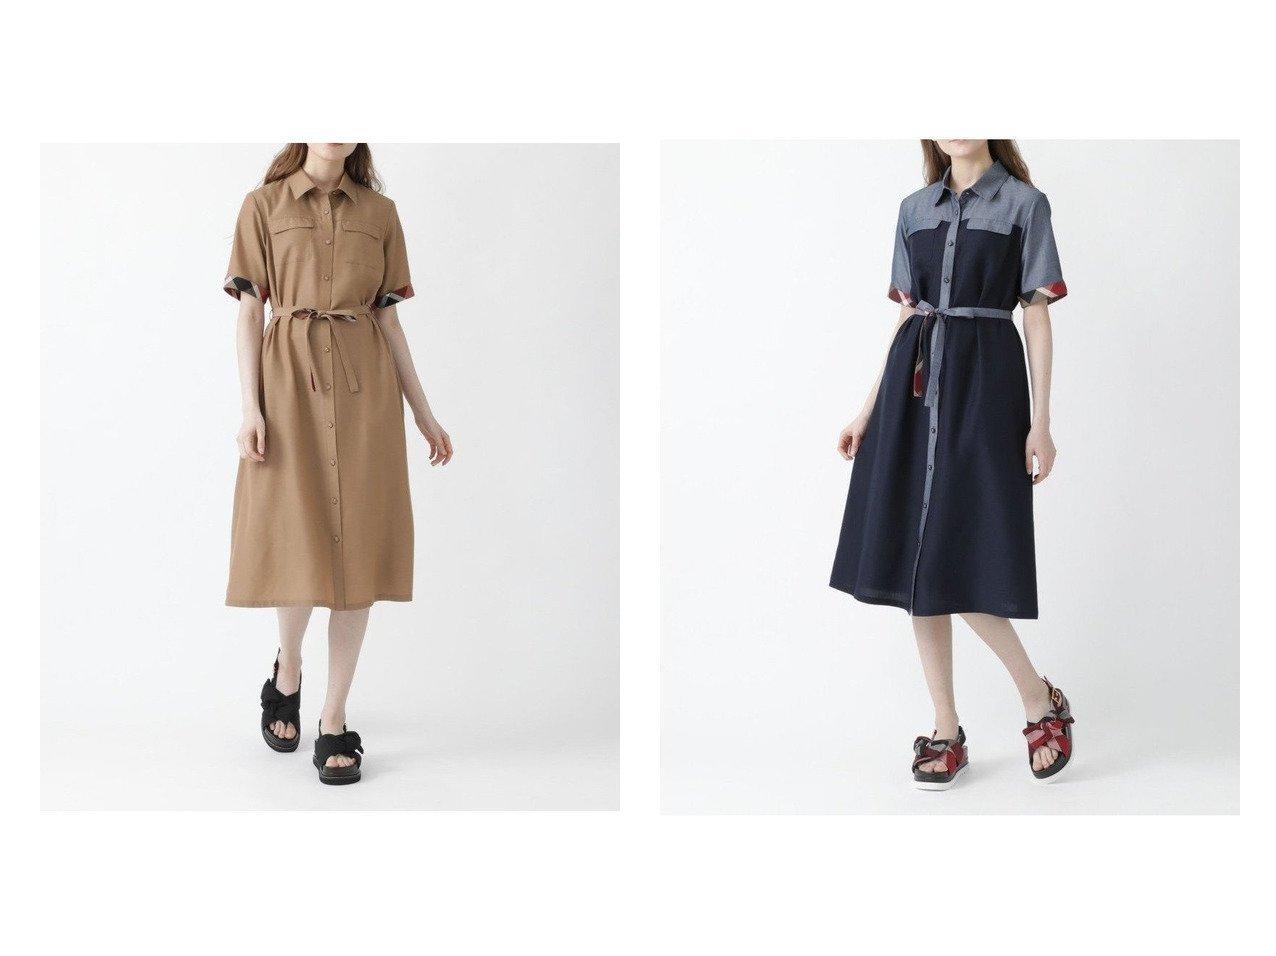 【BLUE LABEL CRESTBRIDGE/ブルーレーベル クレストブリッジ】のライトドライ・ダンガリーシャツドレス おすすめ!人気トレンド・レディースファッション通販 おすすめで人気の流行・トレンド、ファッションの通販商品 インテリア・家具・メンズファッション・キッズファッション・レディースファッション・服の通販 founy(ファニー) https://founy.com/ ファッション Fashion レディースファッション WOMEN ワンピース Dress ドレス Party Dresses シャツワンピース Shirt Dresses ガーリー スカラップ チェック ドレス フェミニン フロント ポケット レース 羽織 |ID:crp329100000046052